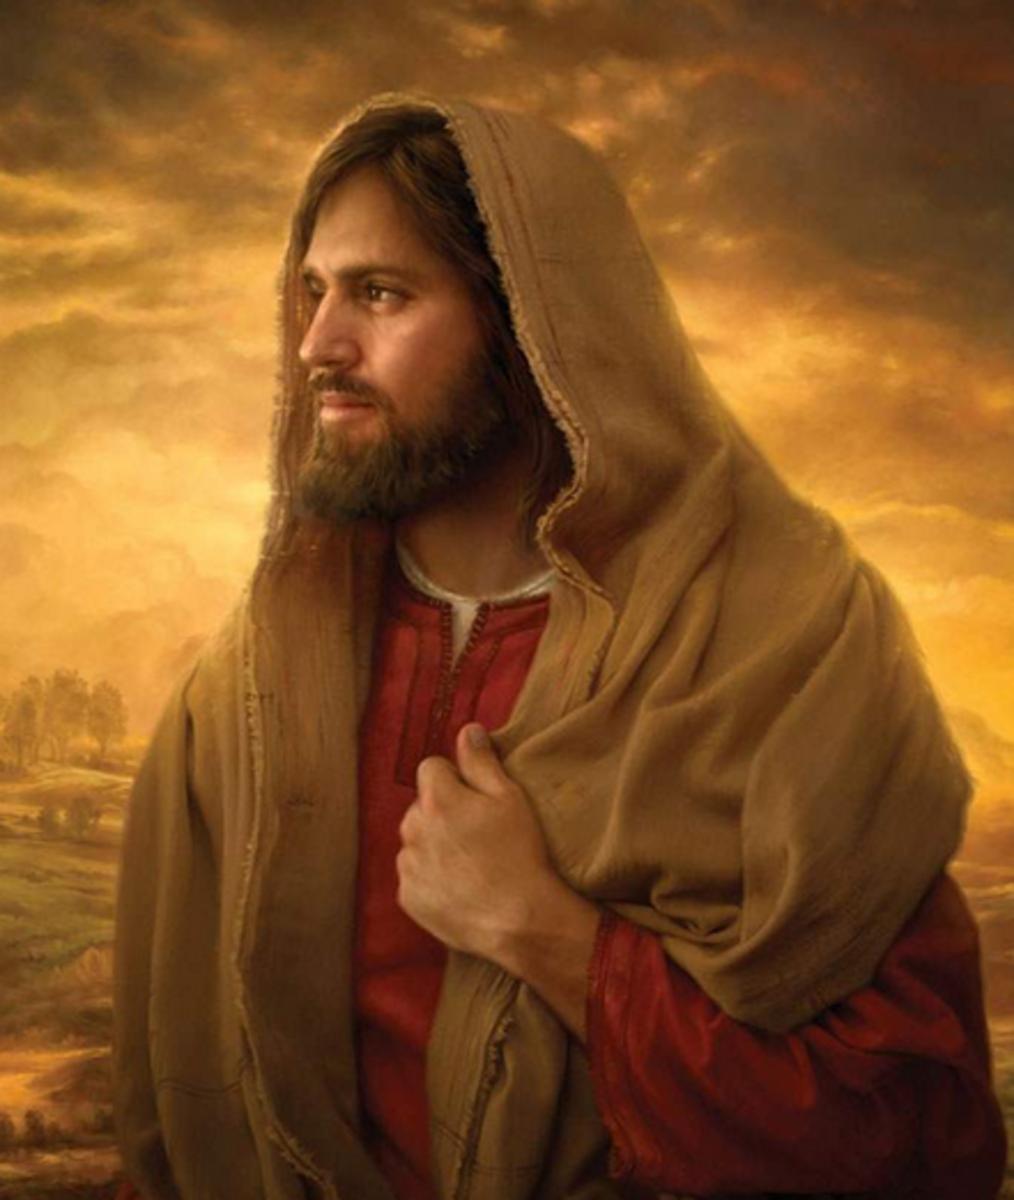 jesus-and-his-teachings-are-catholic